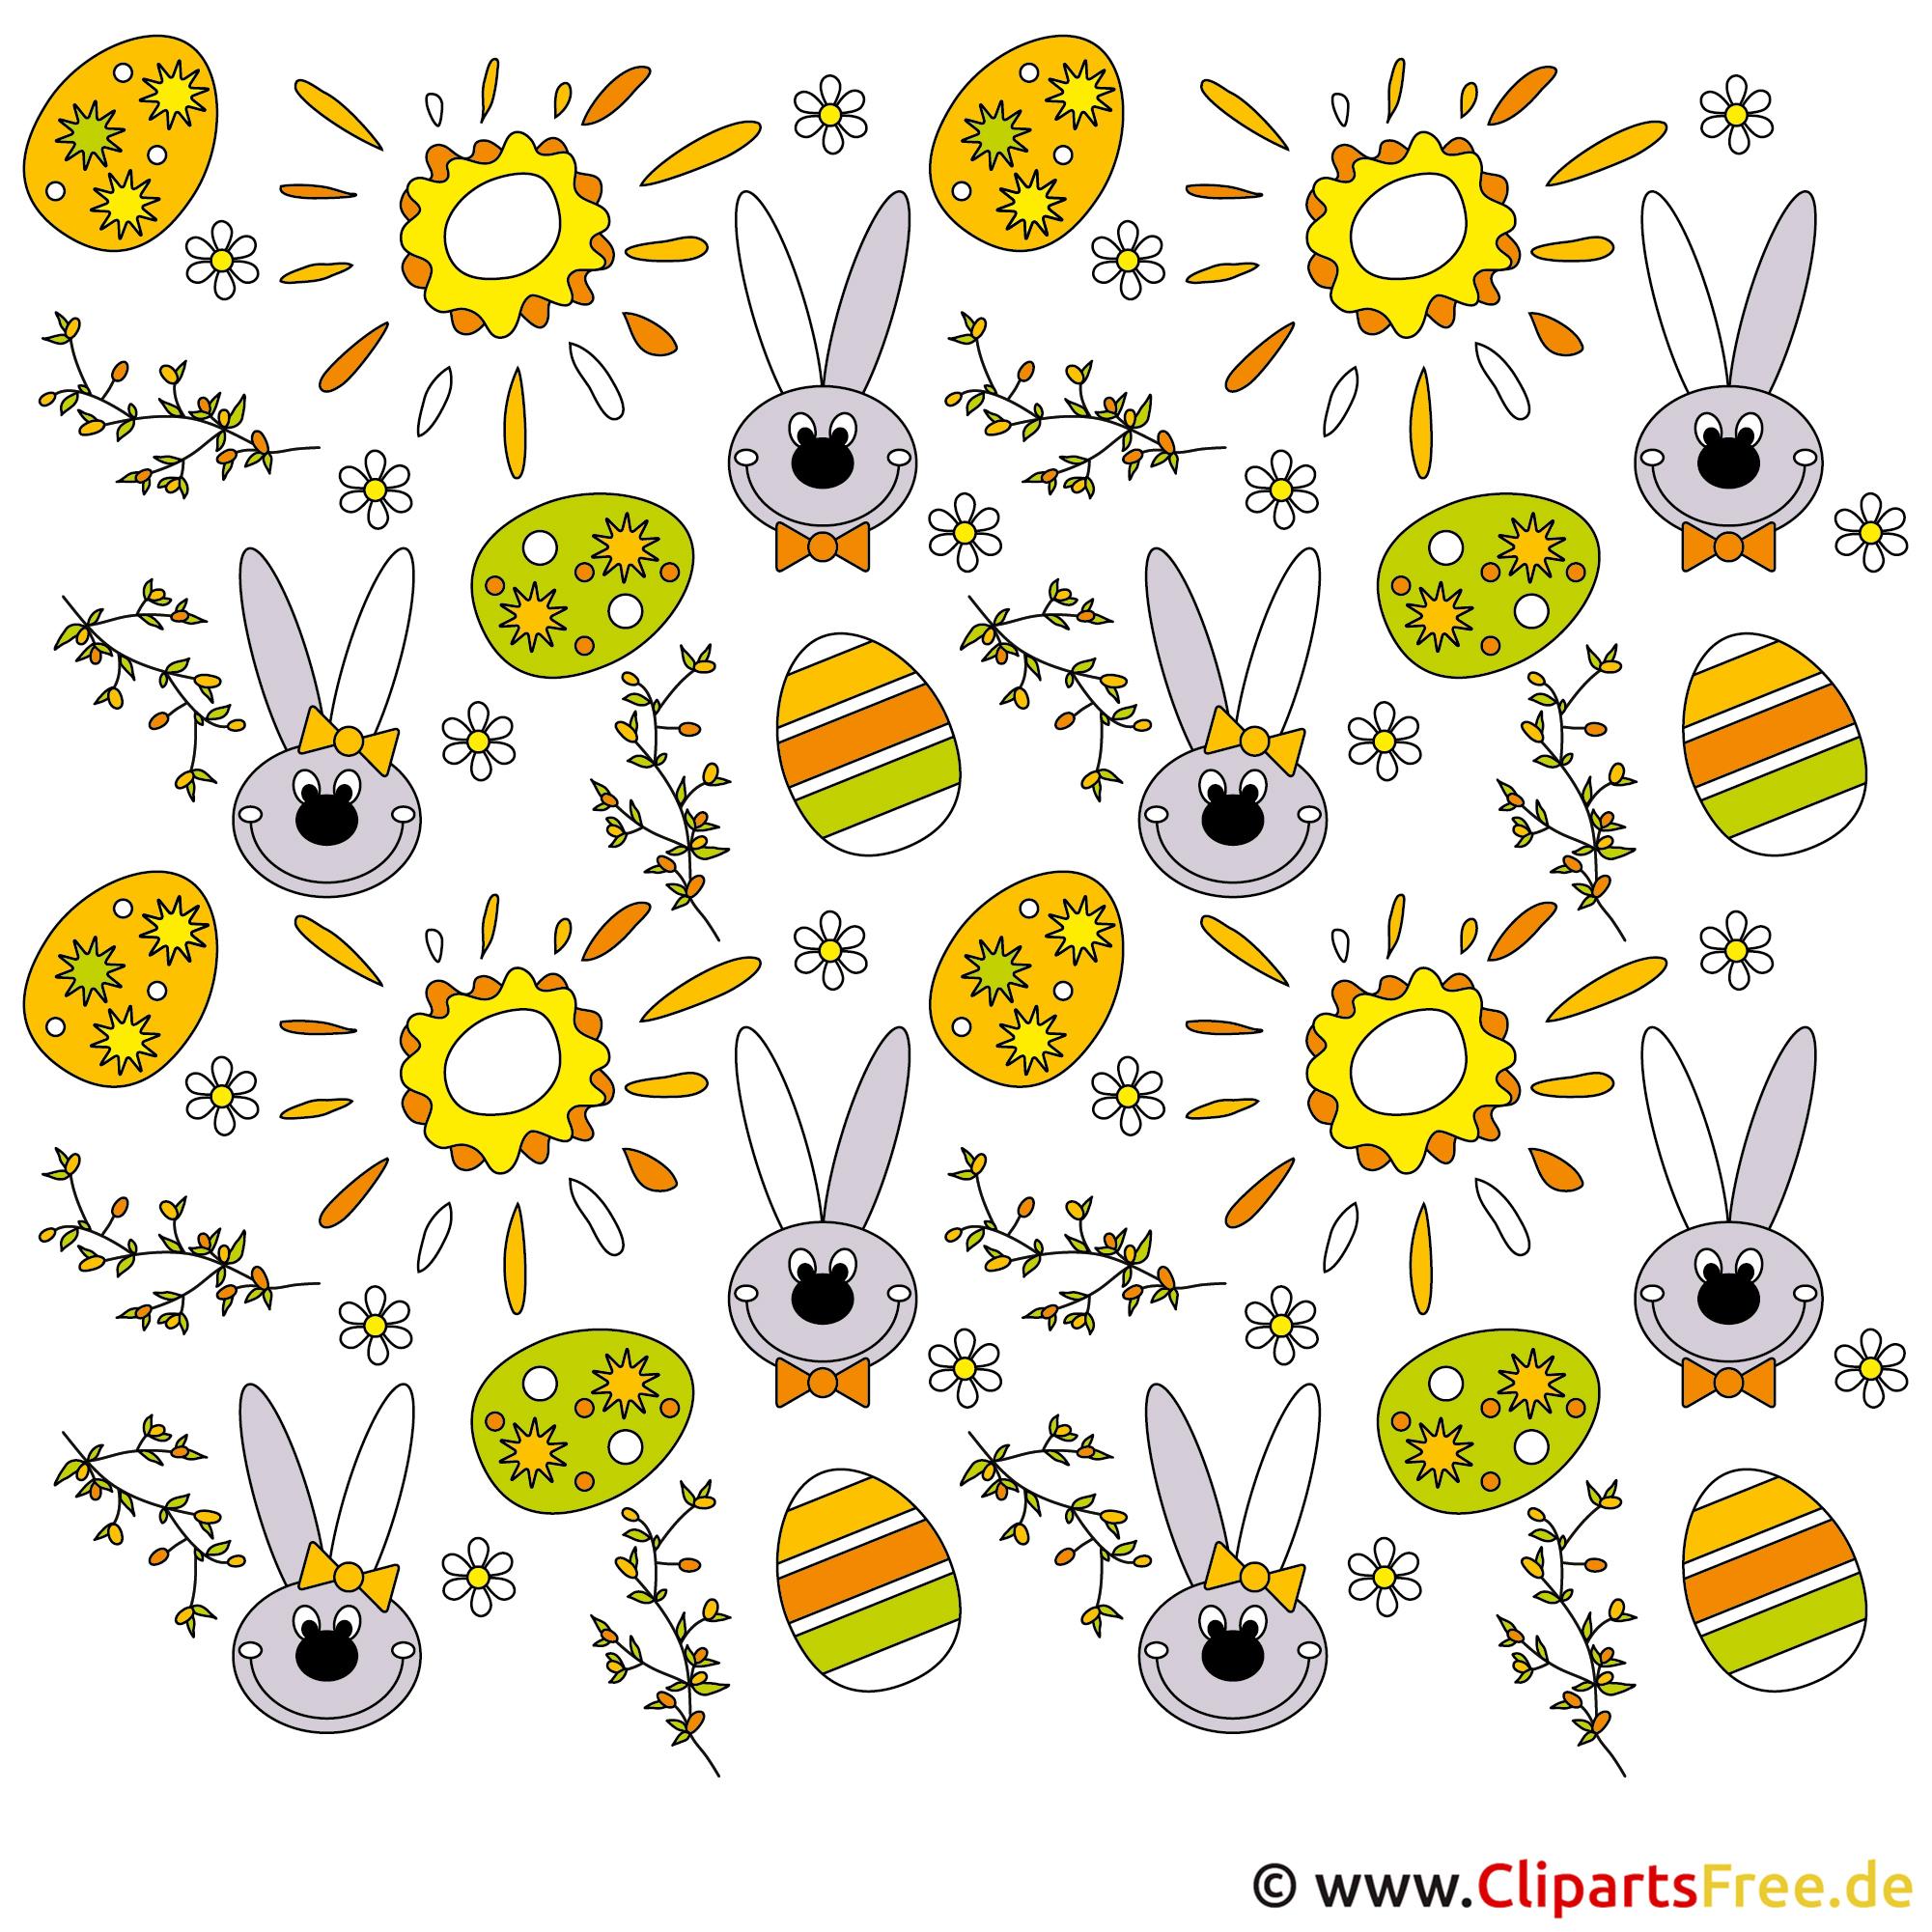 Cliparts zu Ostern gratis